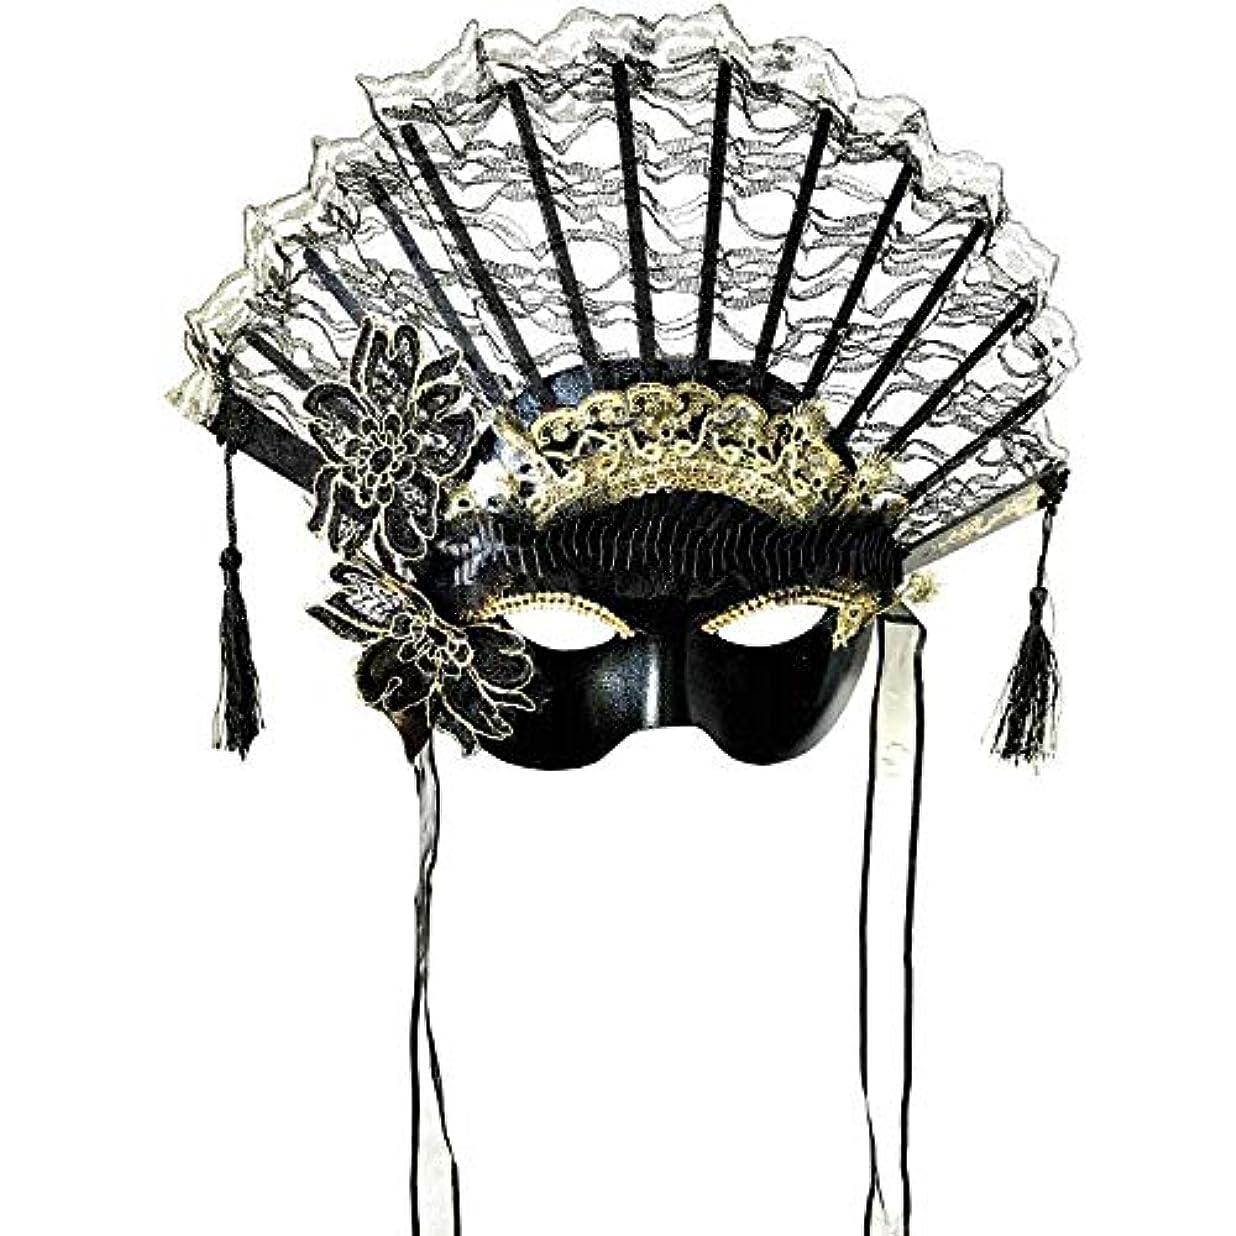 目指す稼ぐ石Nanle ハロウィンクリスマスレースファンシェイプフラワーフリンジビーズマスク仮装マスクレディミスプリンセス美容祭パーティーデコレーションマスク (色 : Black B)